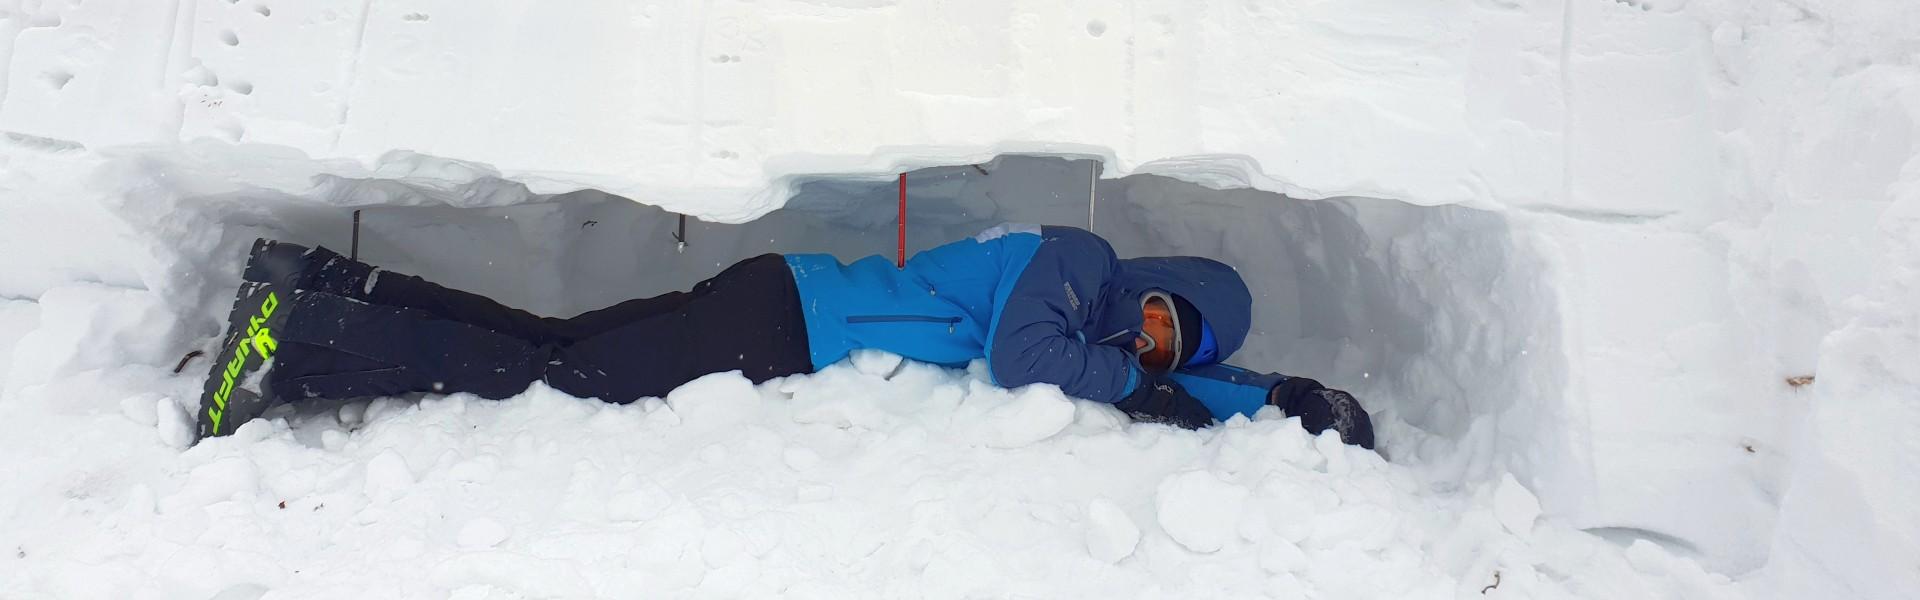 Zeptej se Fera - horského průvodce a tatranského záchranáře #2